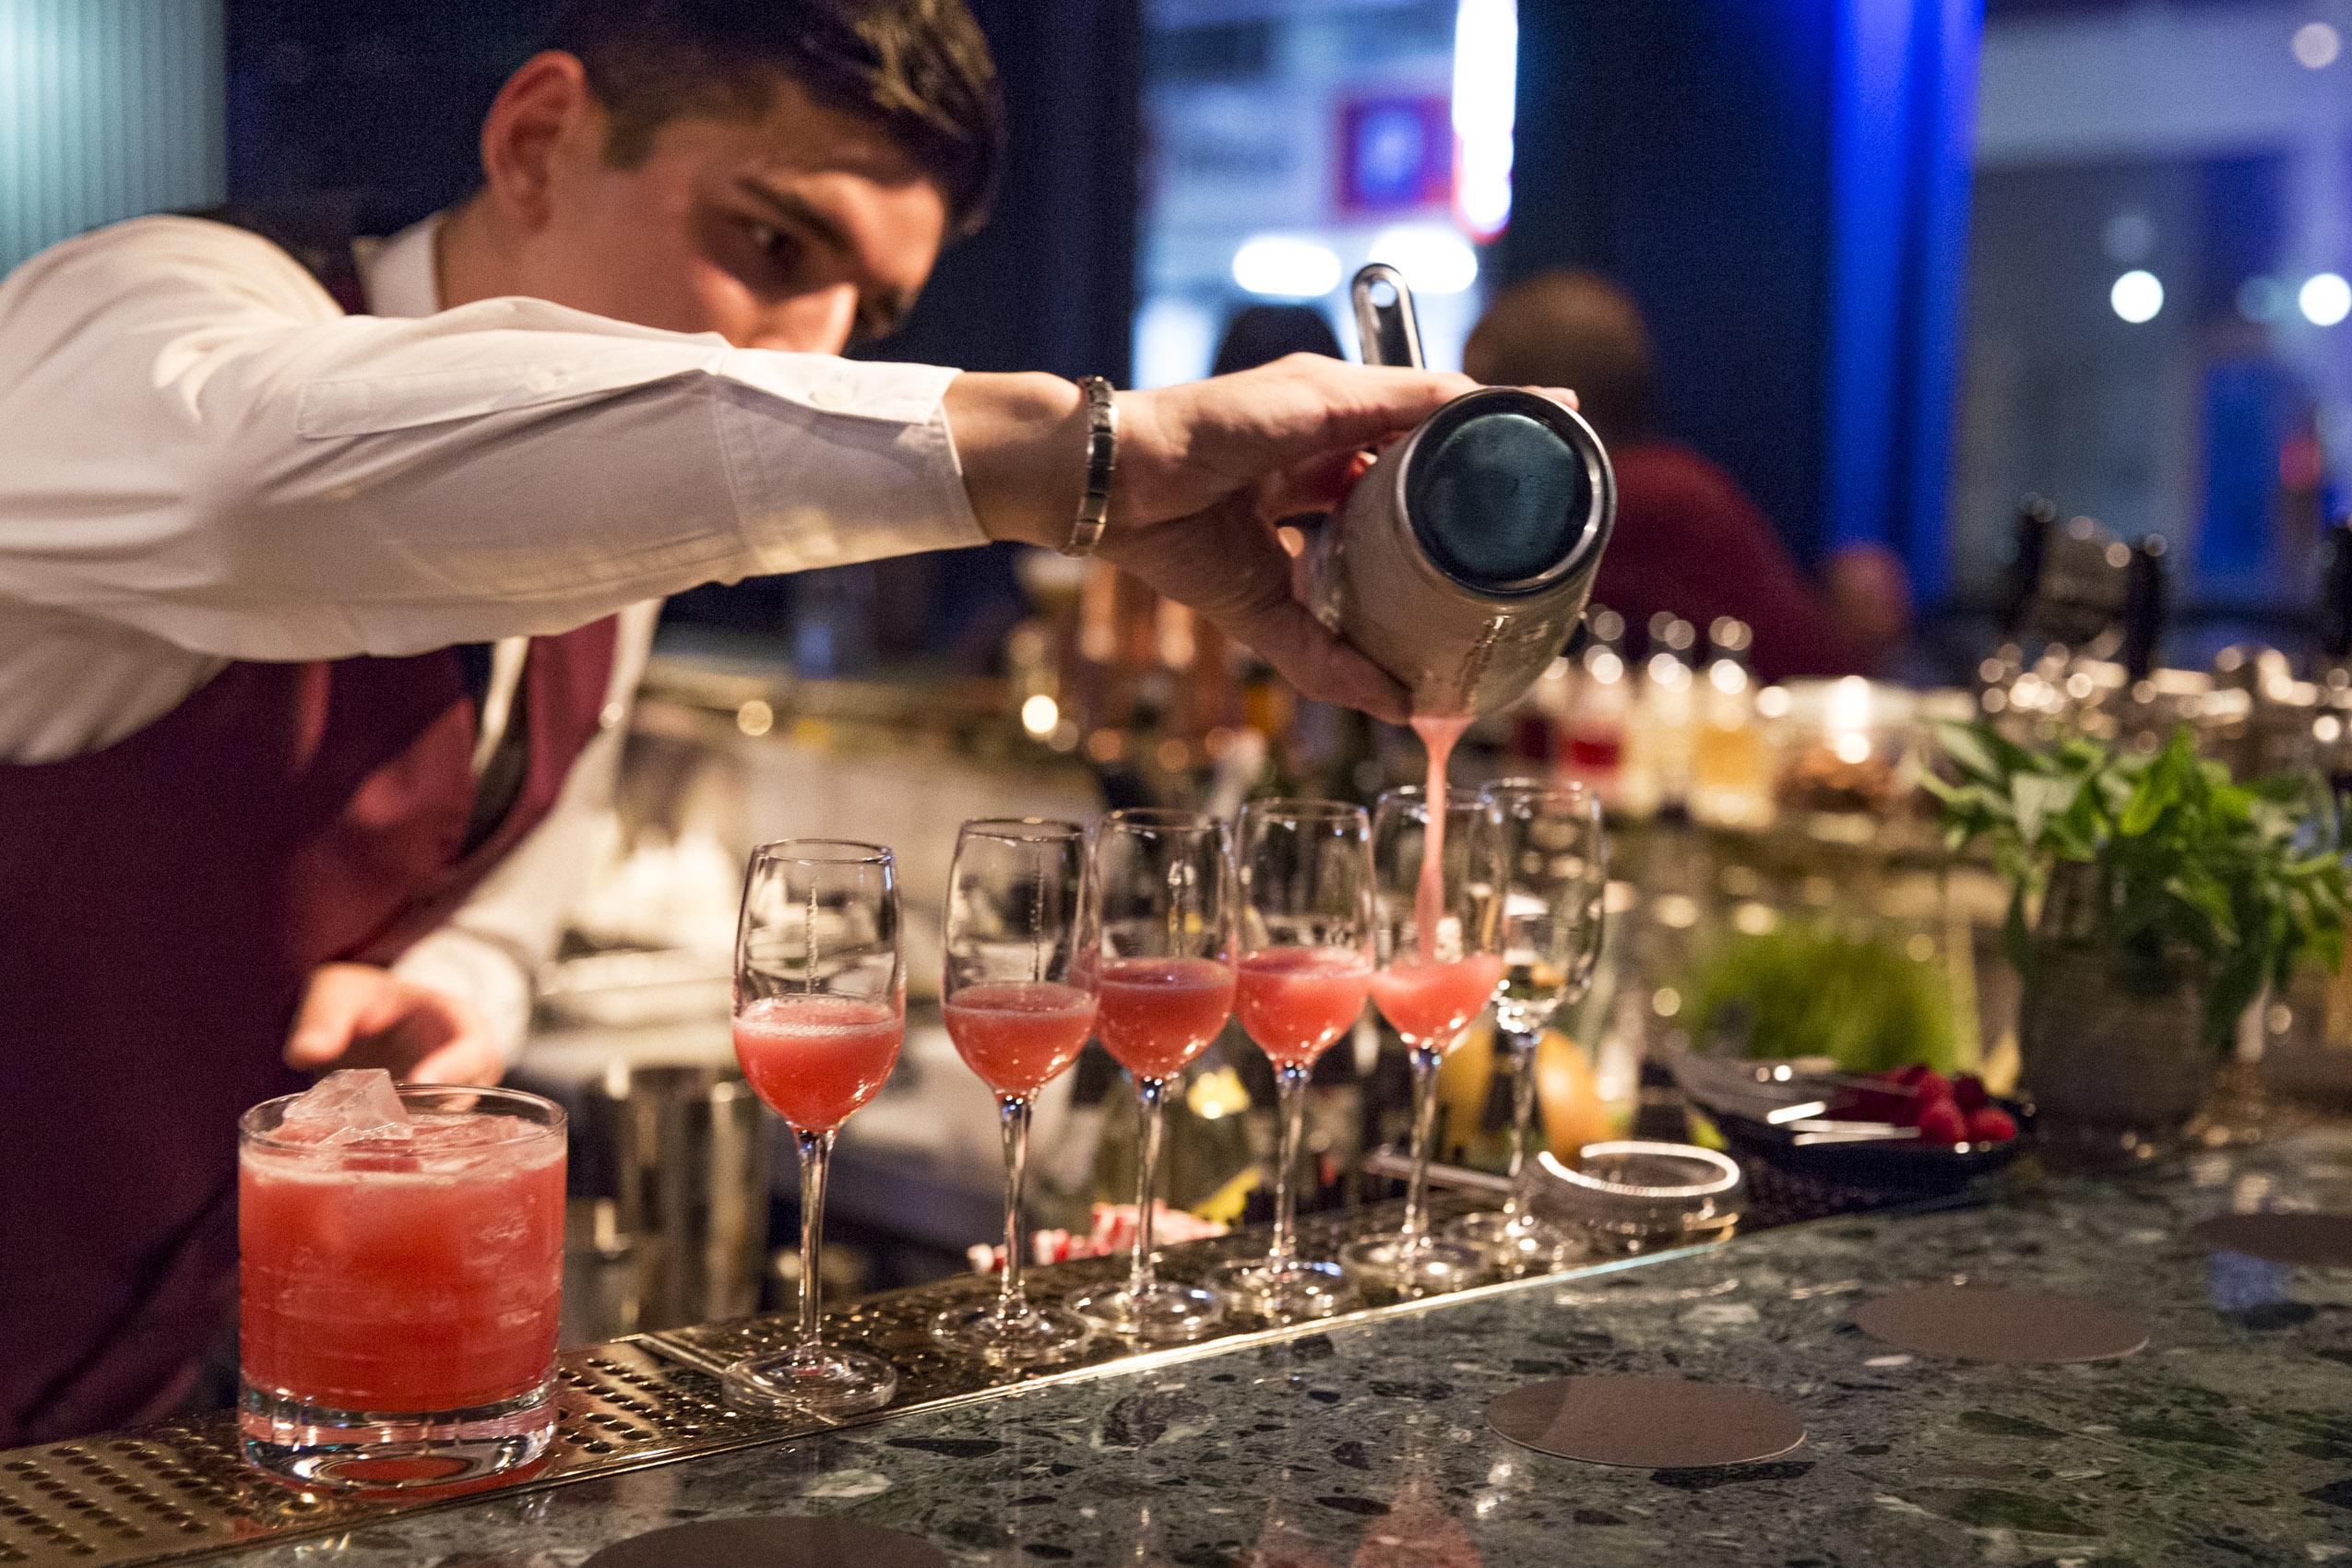 Solander Dining and Bar